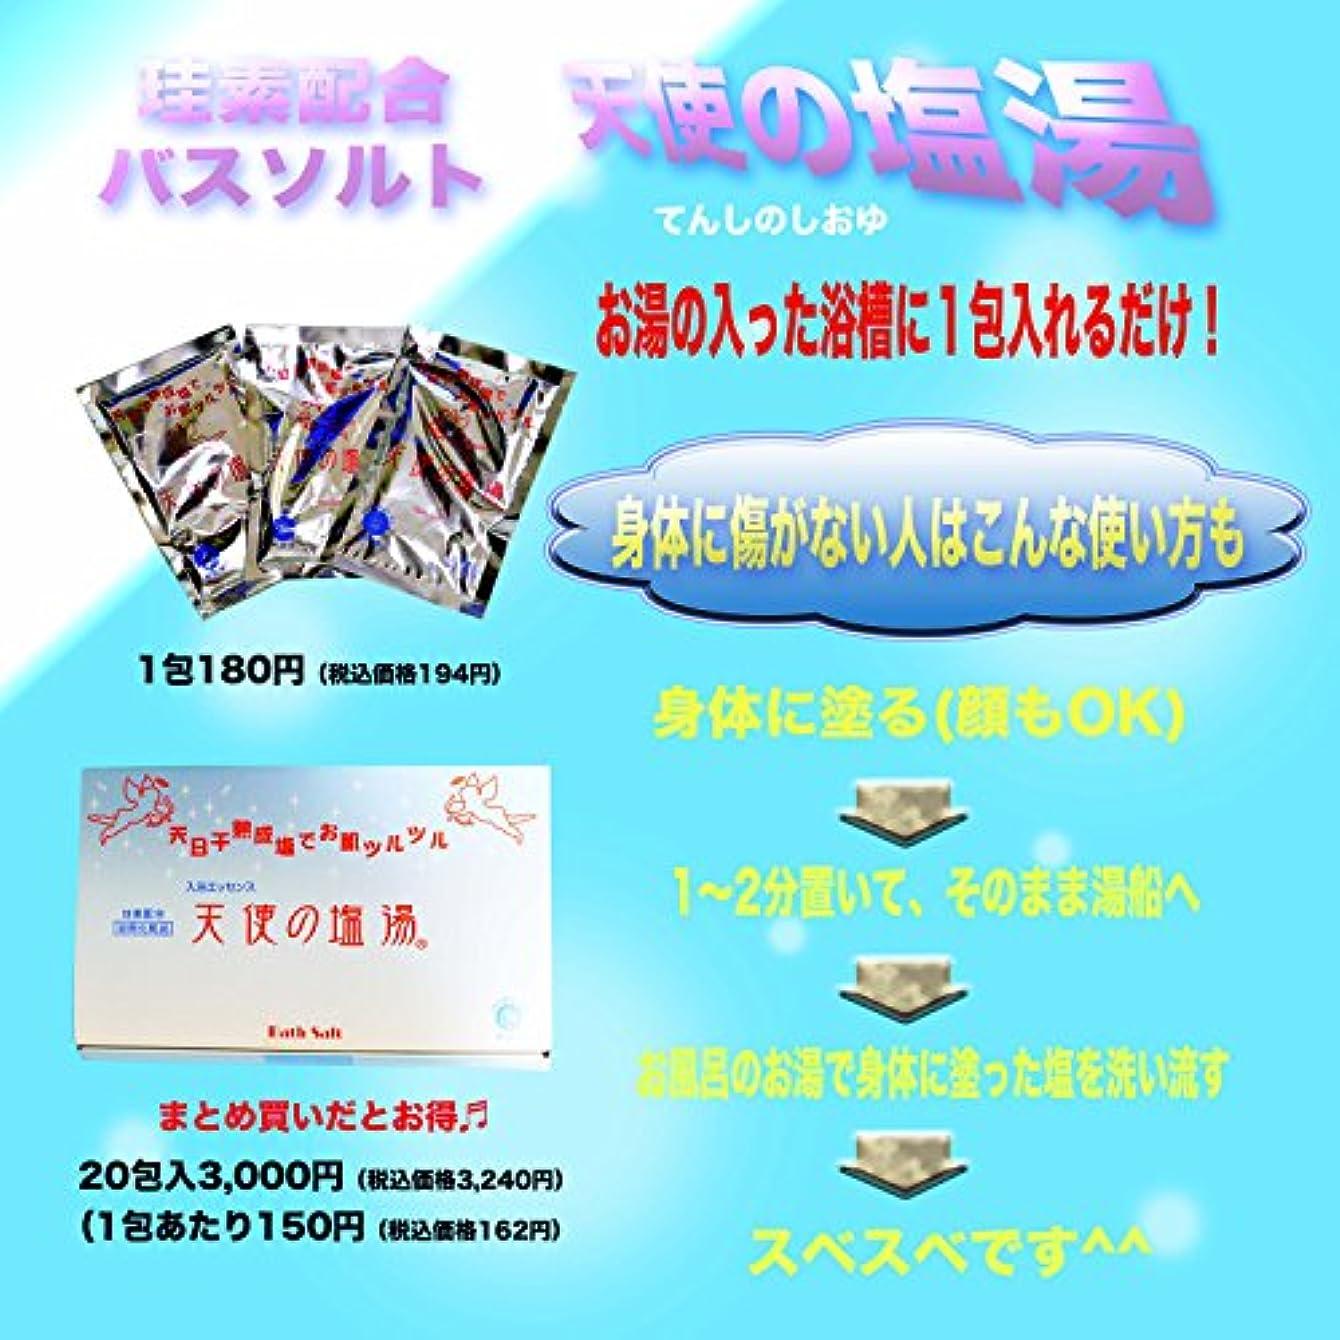 即席ファブリックうまれた入浴エッセンス 天使の塩湯(70g×20袋入) 日本珪素医科学学会 承認品